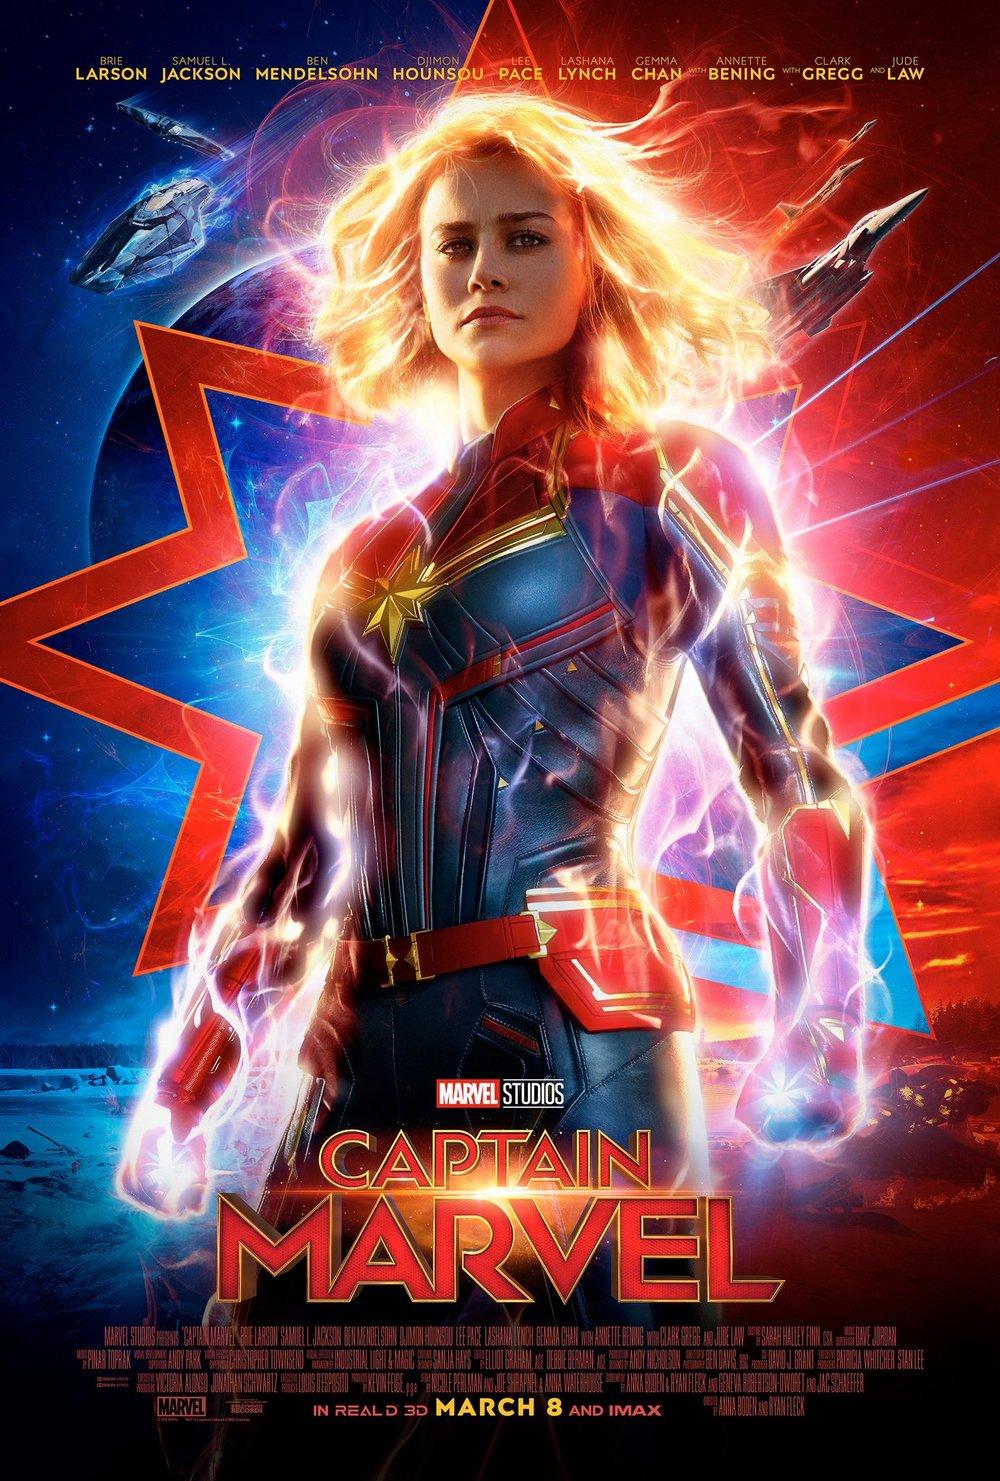 #captainmarvel